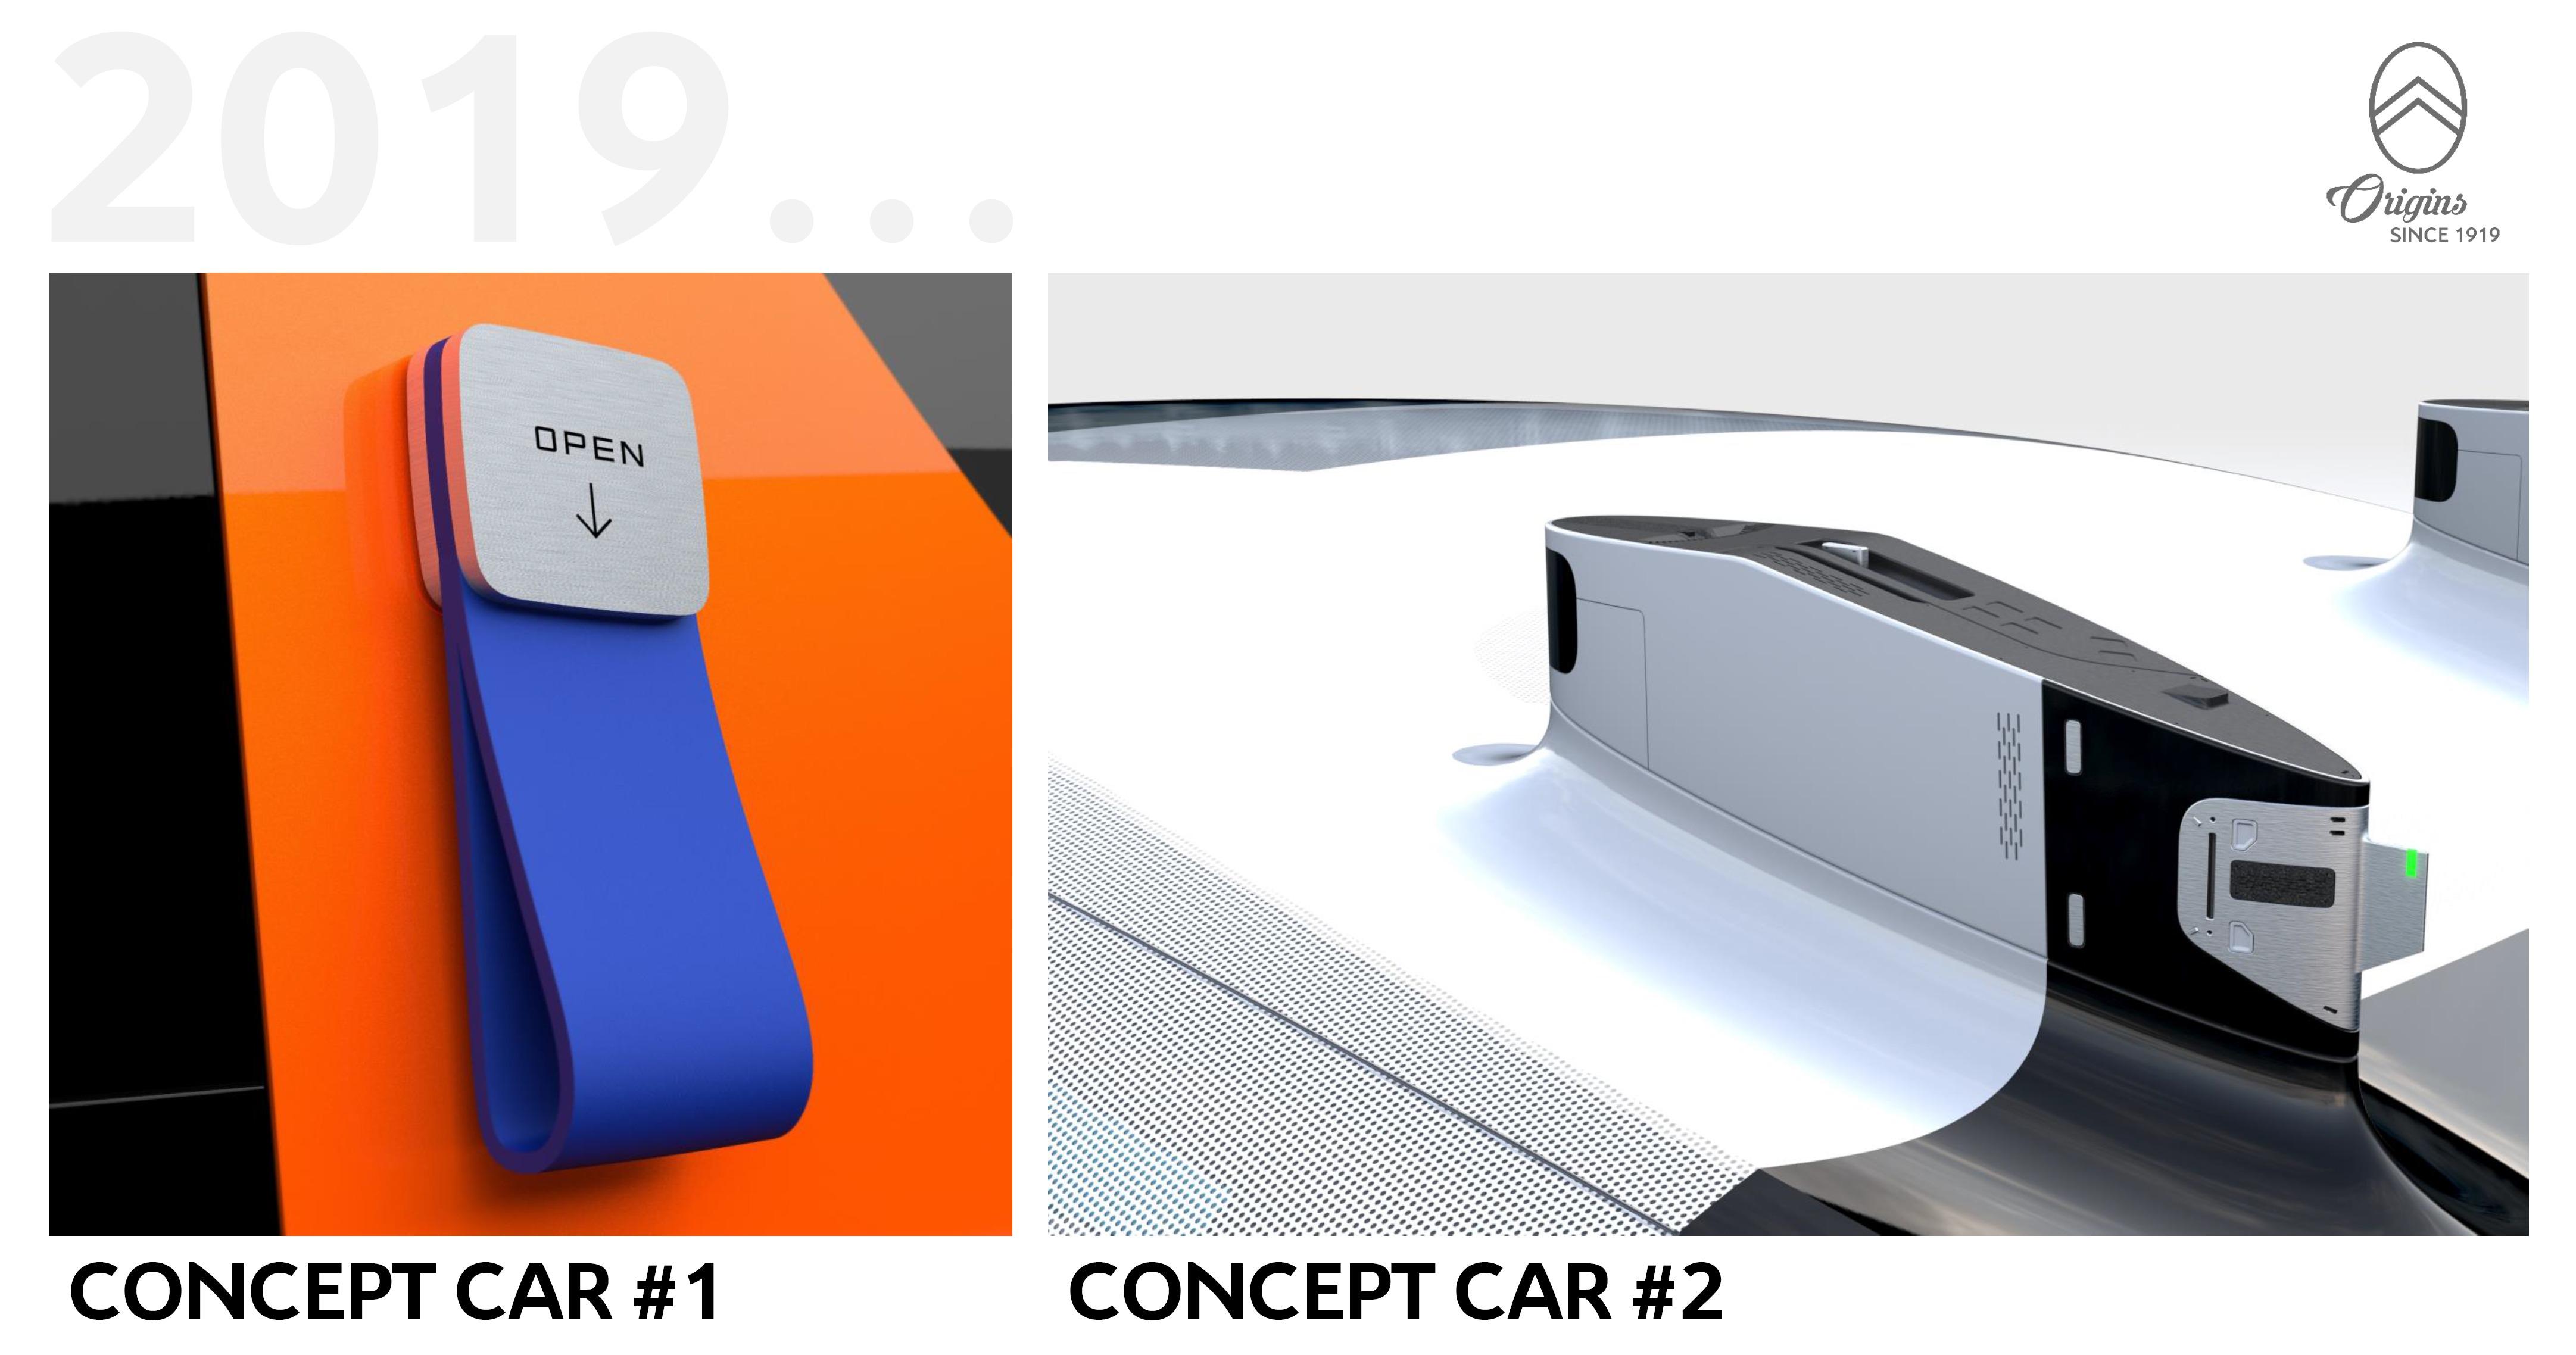 citro n annonce deux concepts pour ses 100 ans. Black Bedroom Furniture Sets. Home Design Ideas